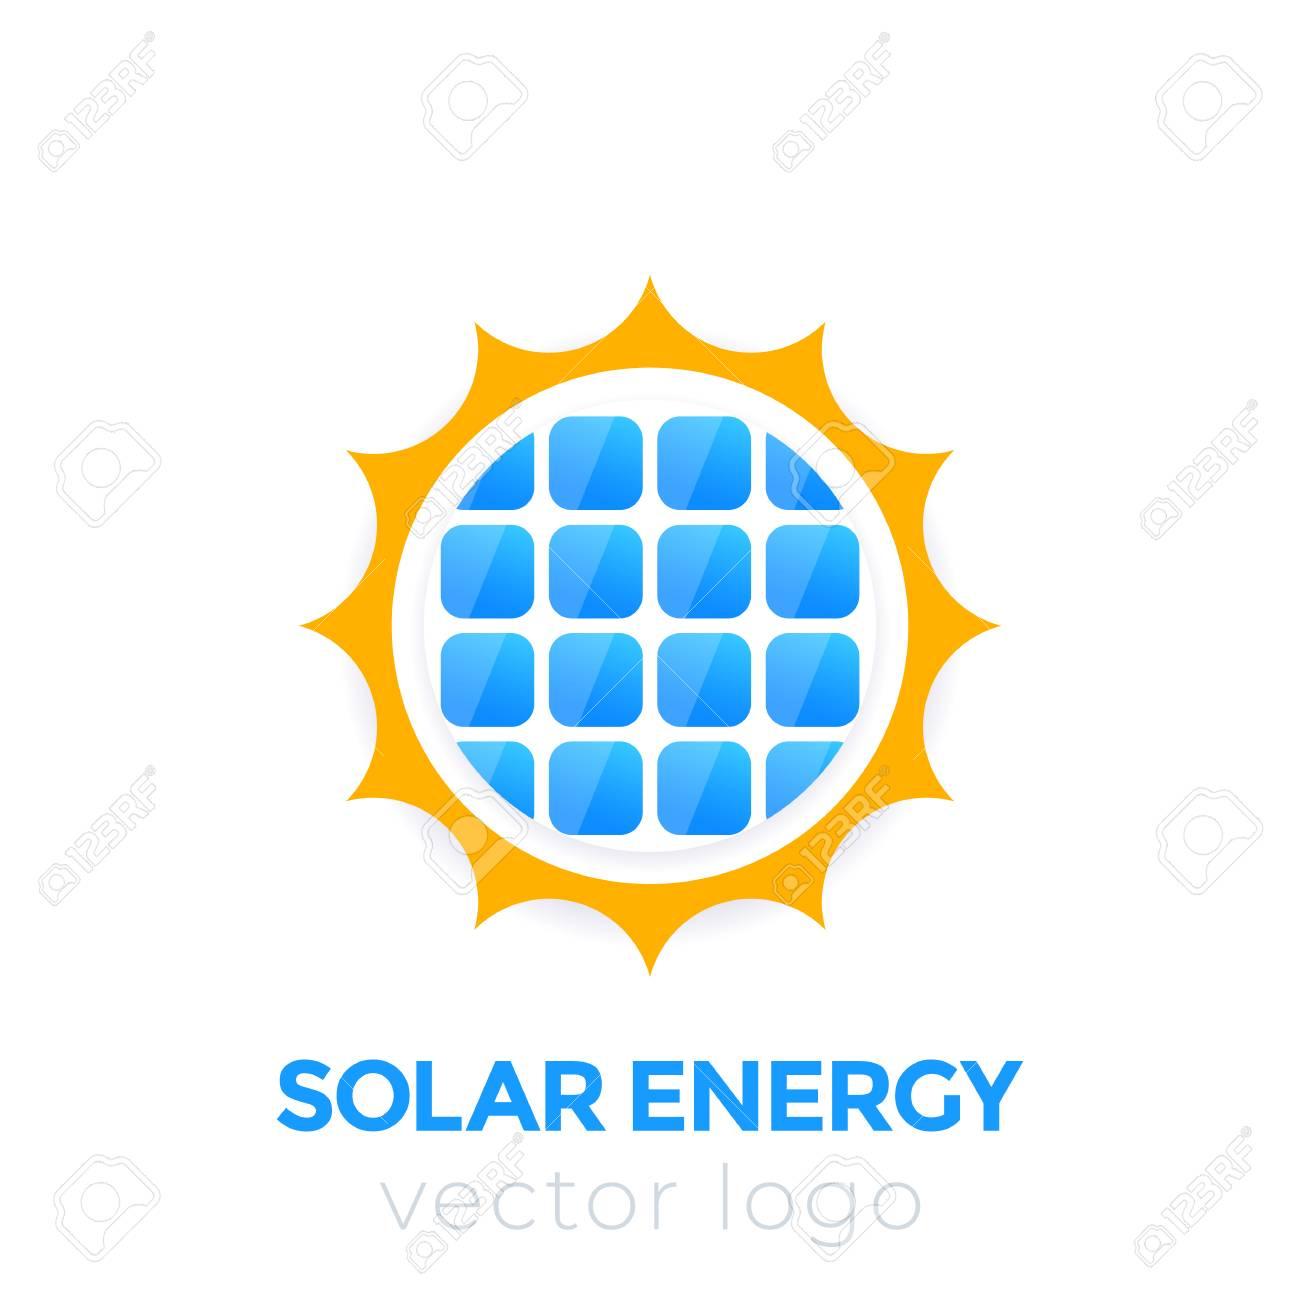 Solar energy vector logo, sun and solar panel